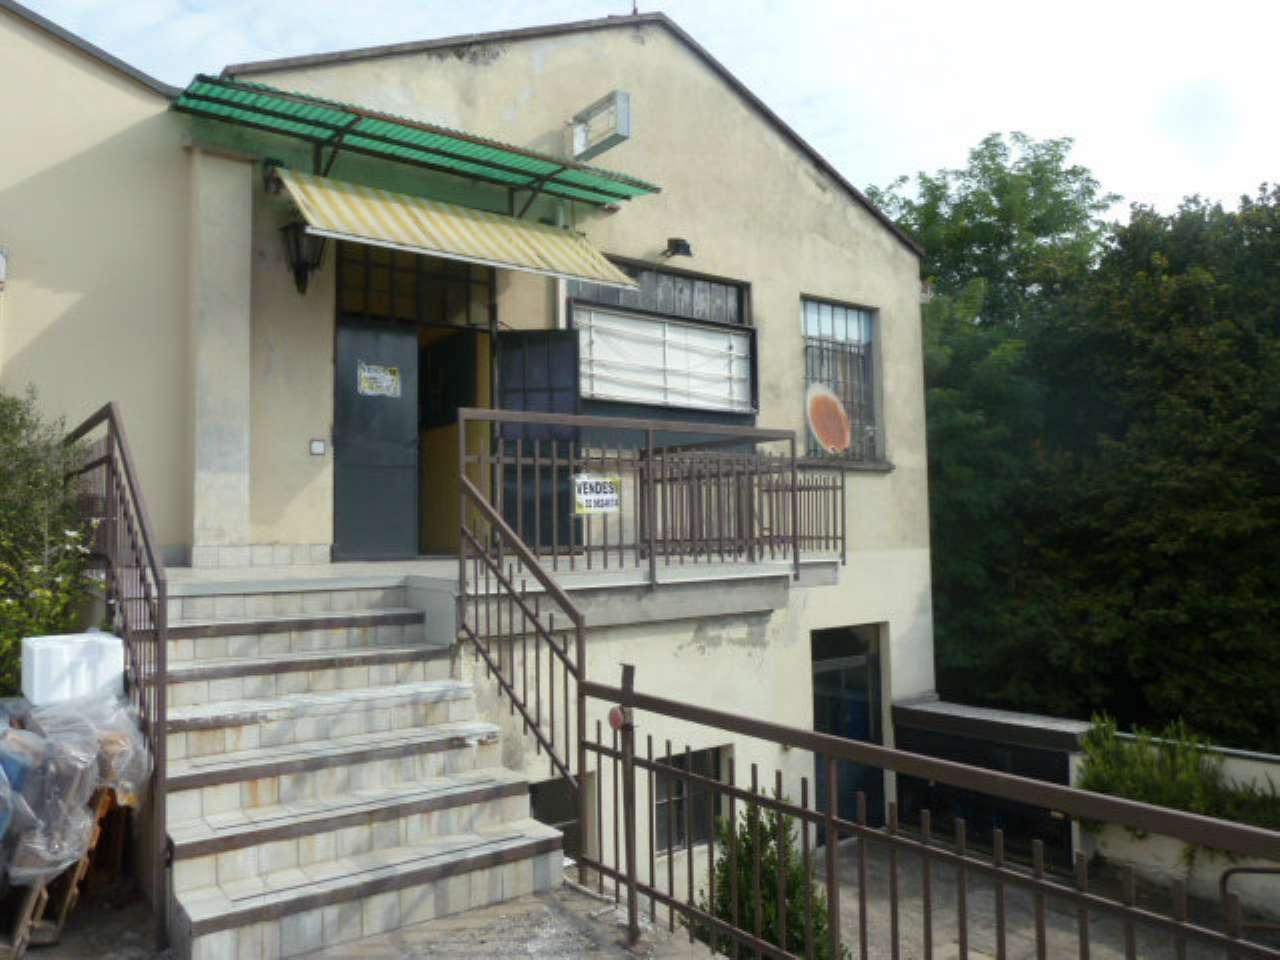 Negozio / Locale in vendita a Saronno, 2 locali, prezzo € 170.000 | CambioCasa.it